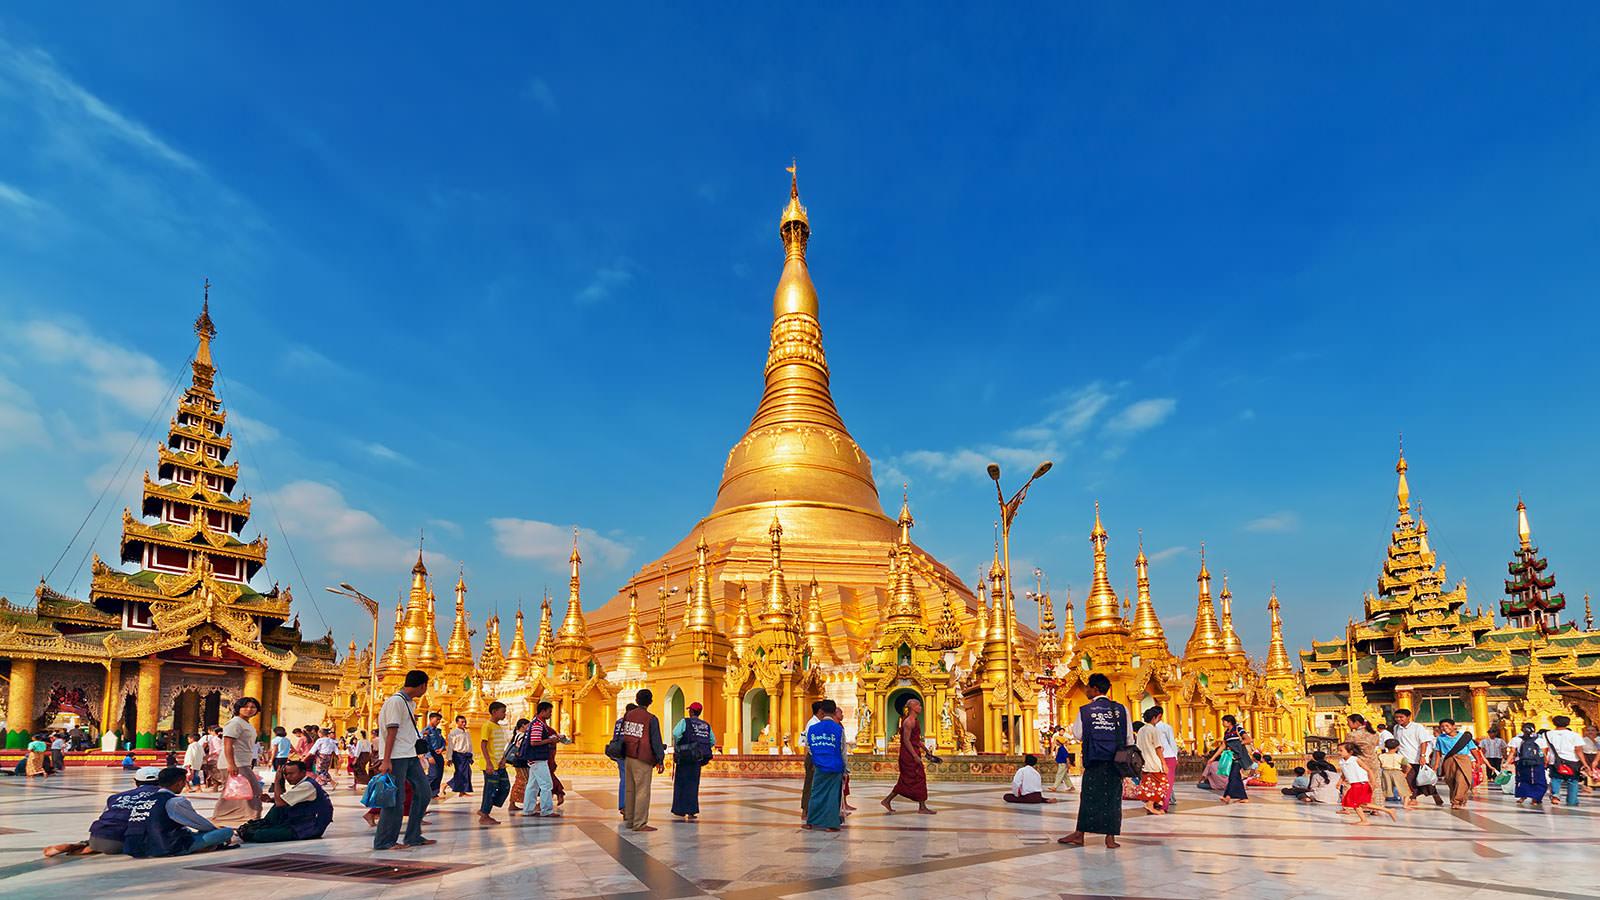 Kết quả hình ảnh cho trang phục đạo phật tại myanmar cho khách du lịch